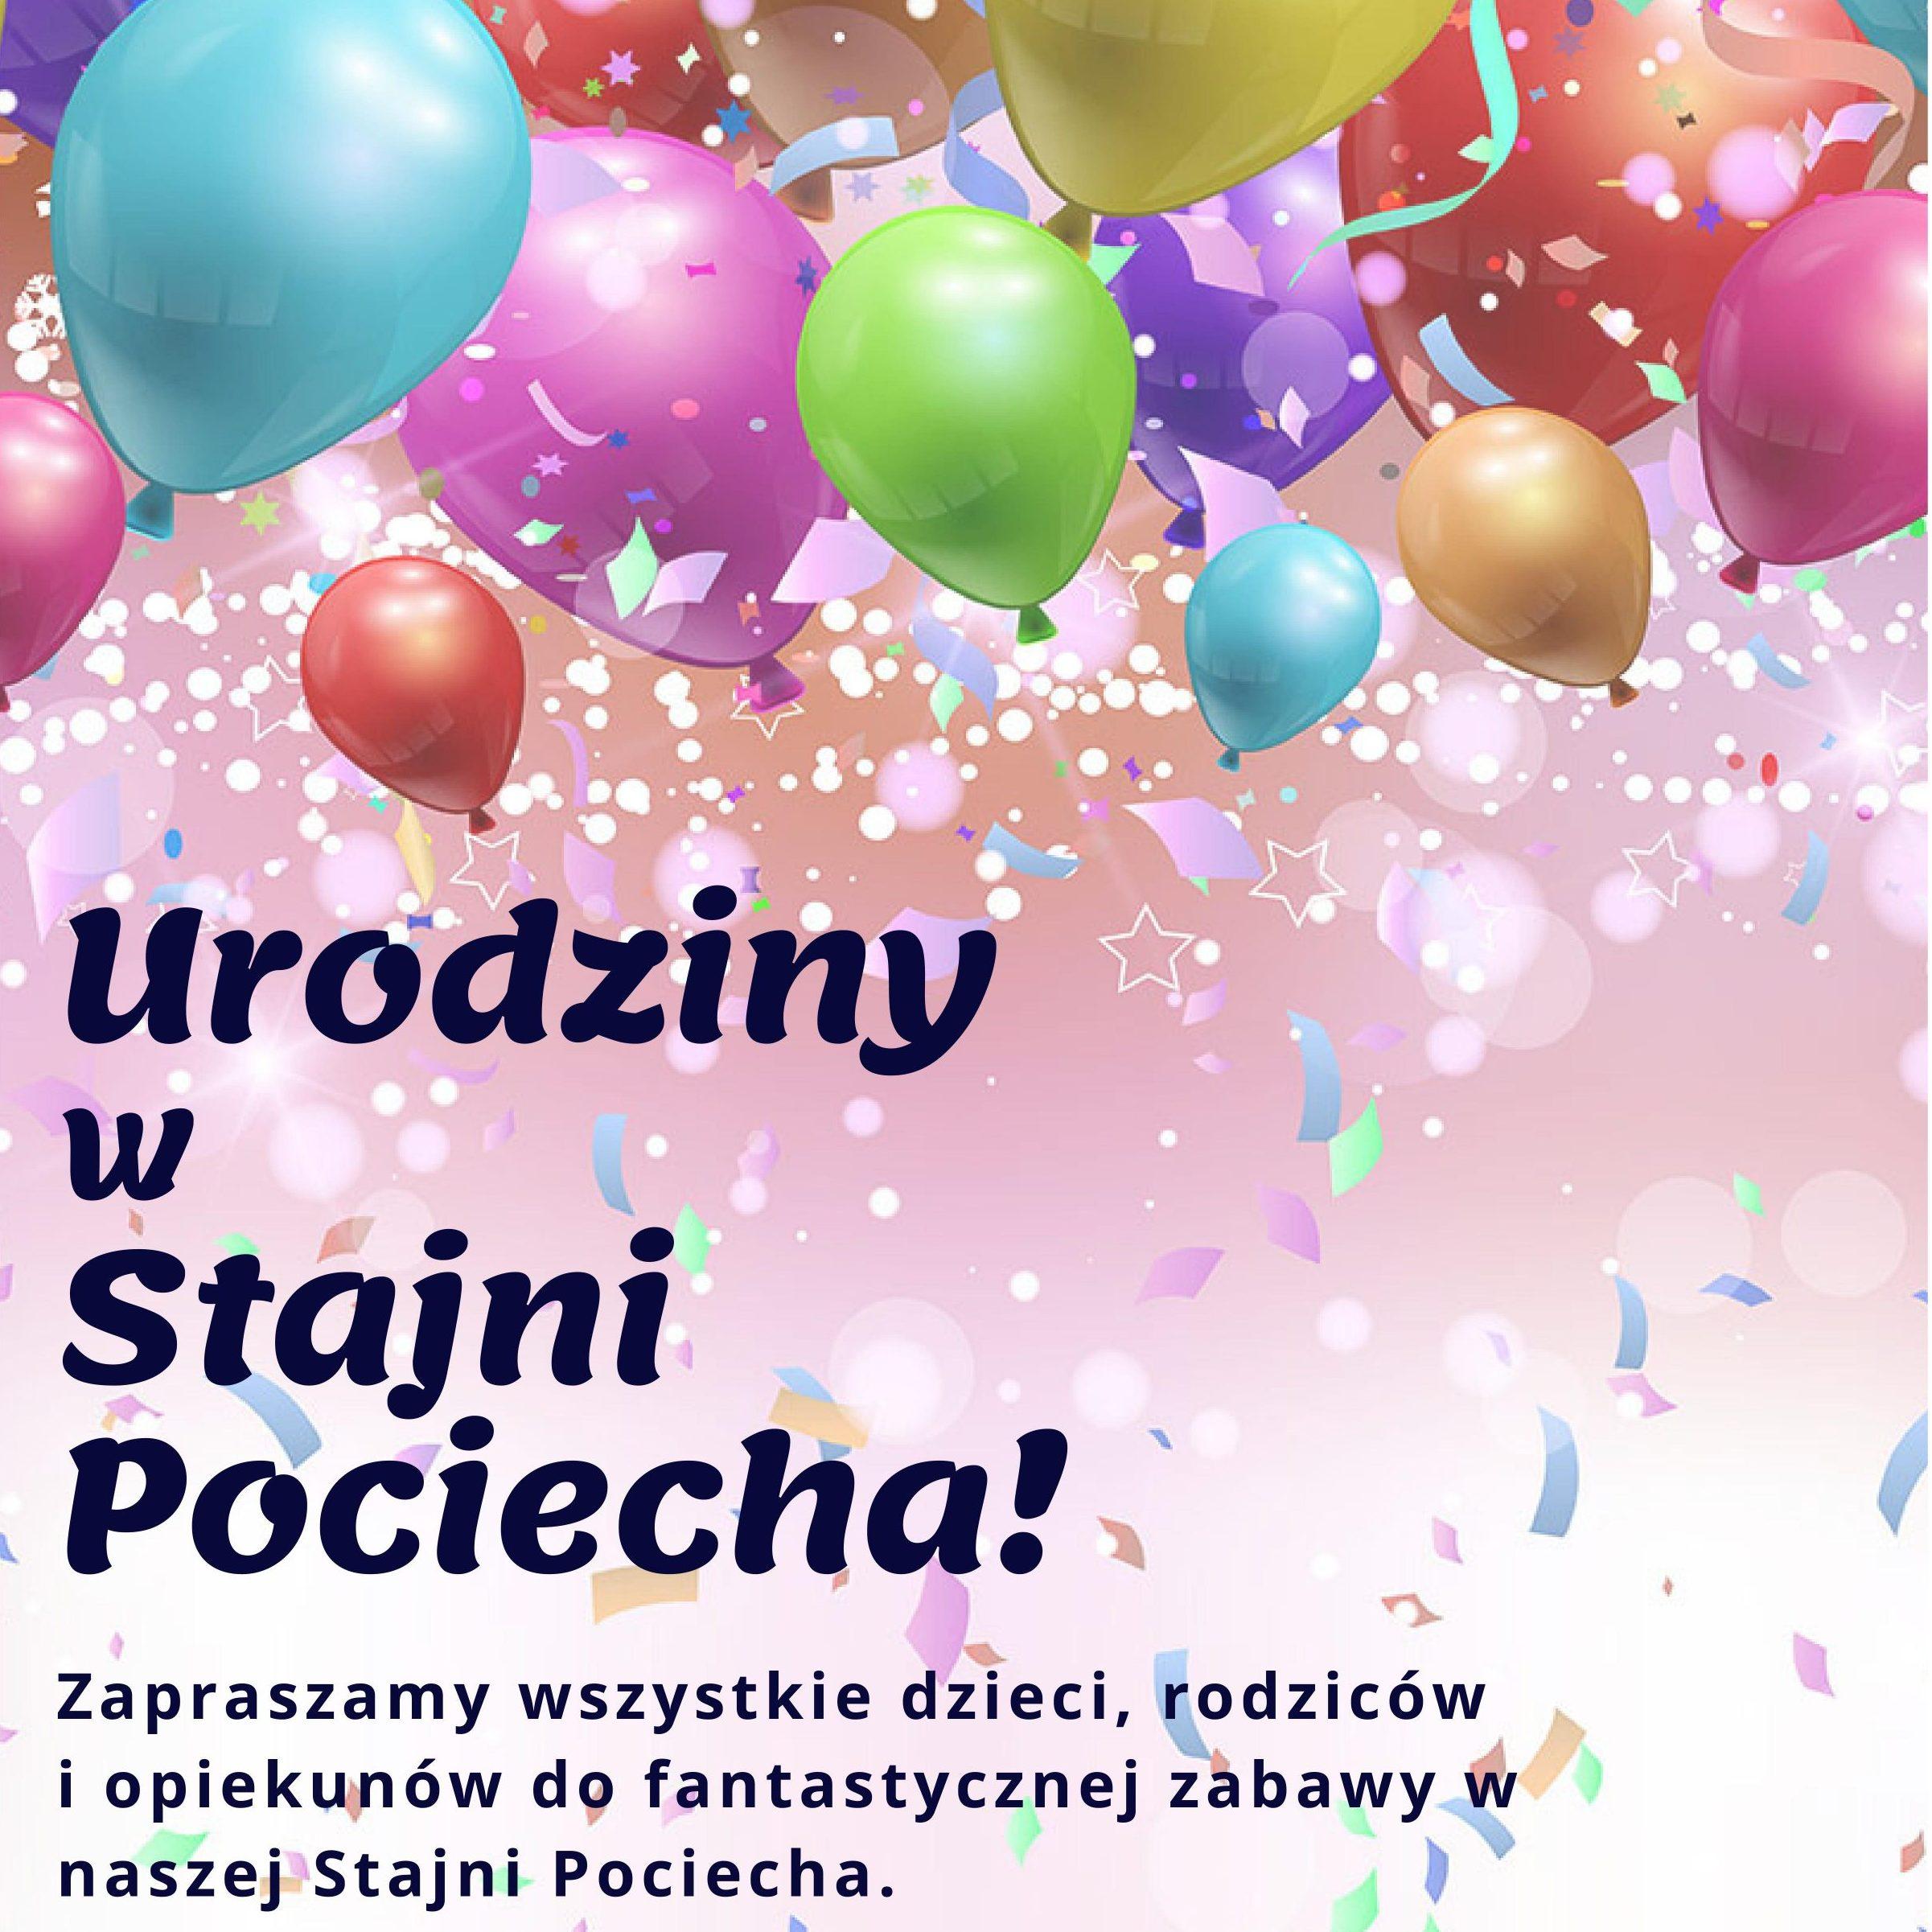 Urodziny w Stajni Pociecha